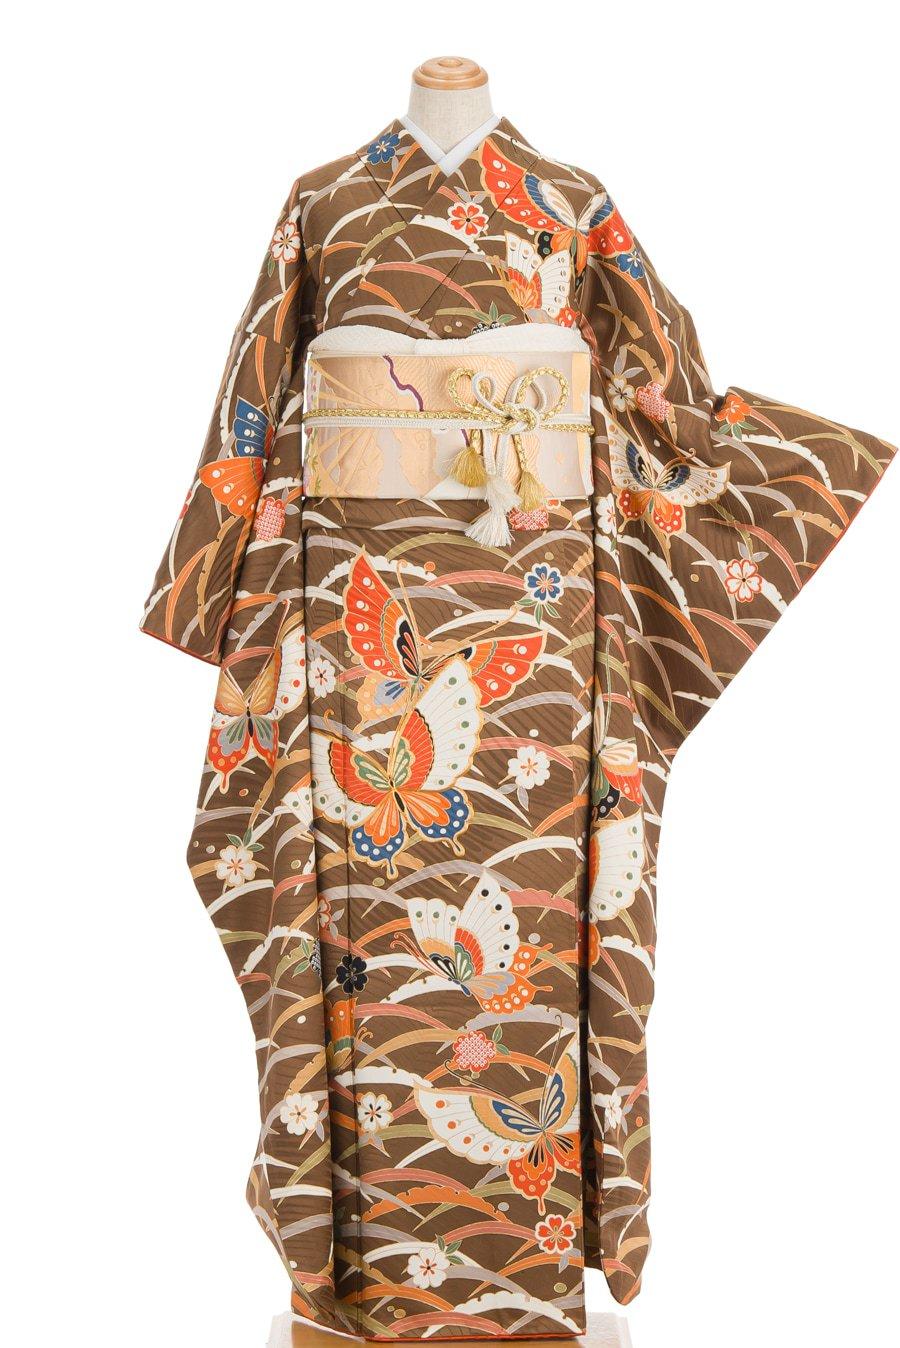 「振袖 芝草に桜と揚羽蝶」の商品画像